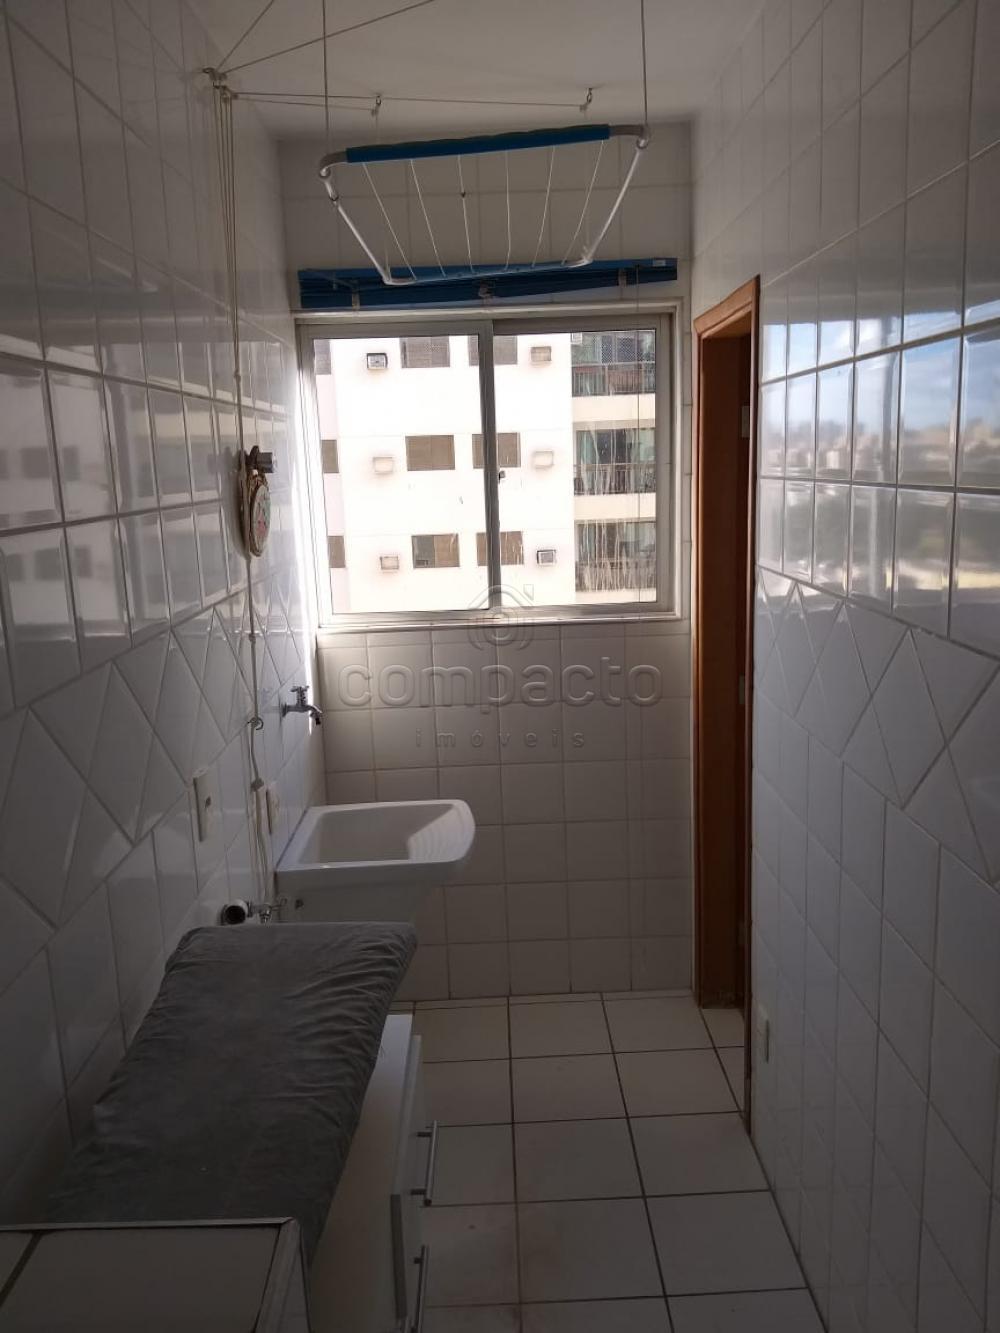 Alugar Apartamento / Padrão em São José do Rio Preto apenas R$ 1.300,00 - Foto 8